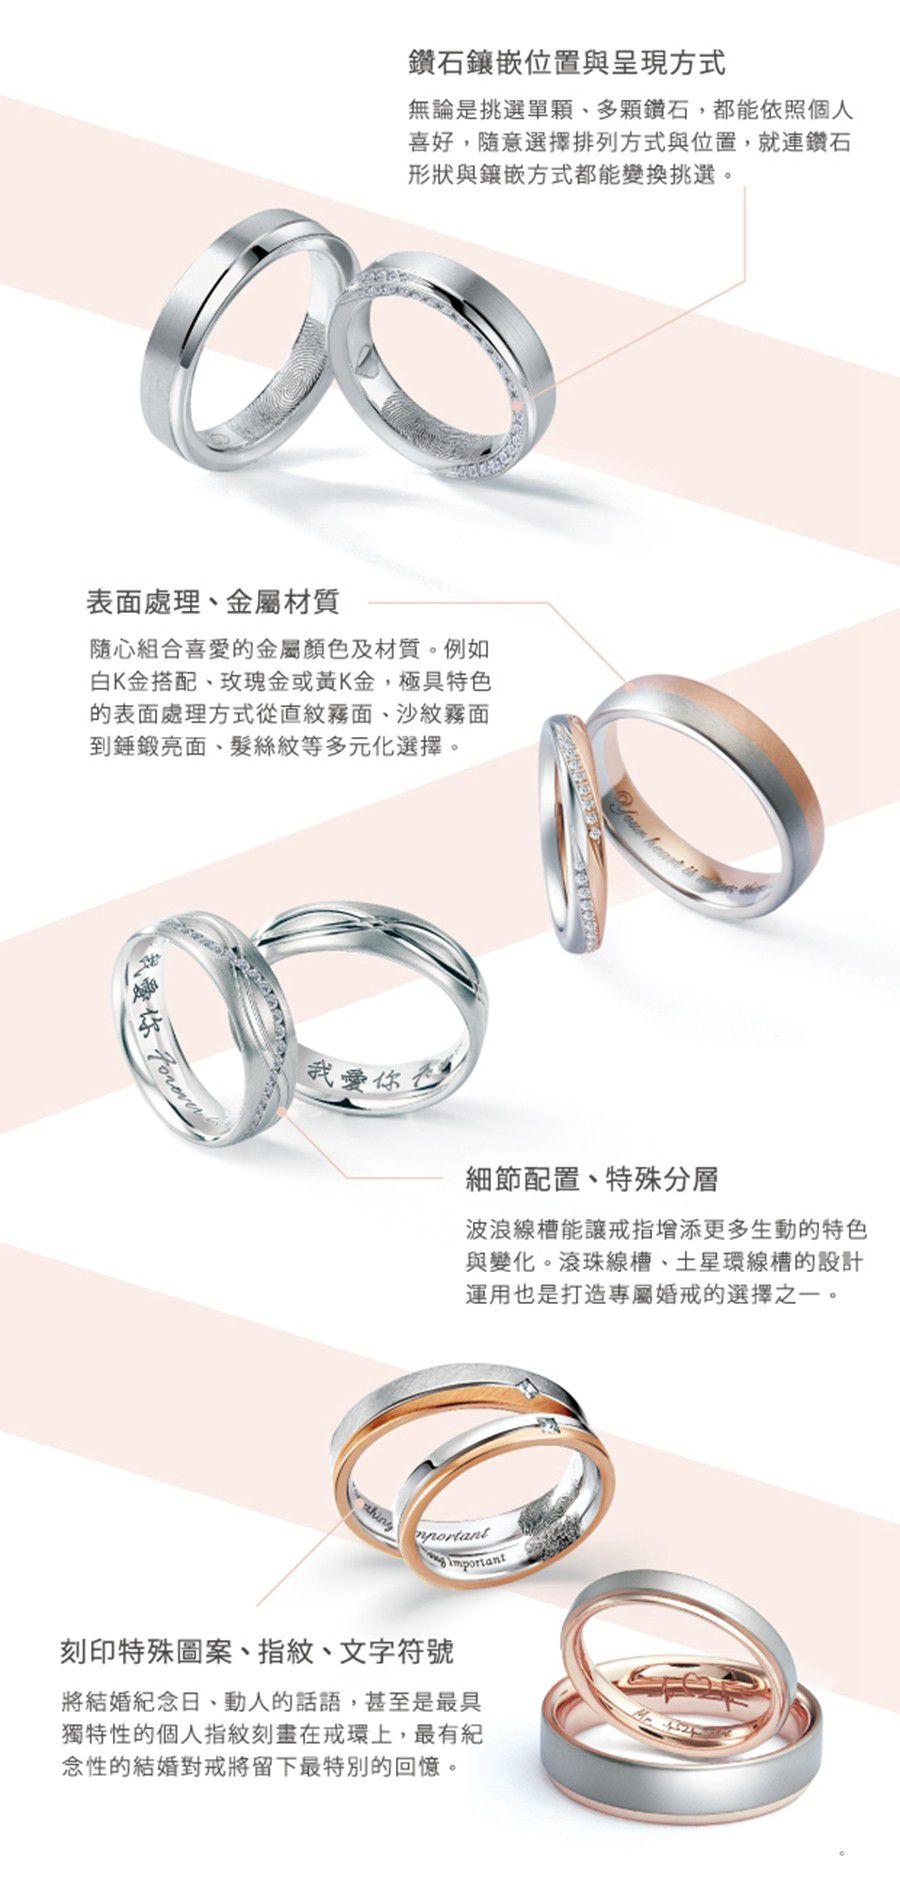 GIA,亞立詩,婚戒,鑽石,客製化,鑽戒,戒指